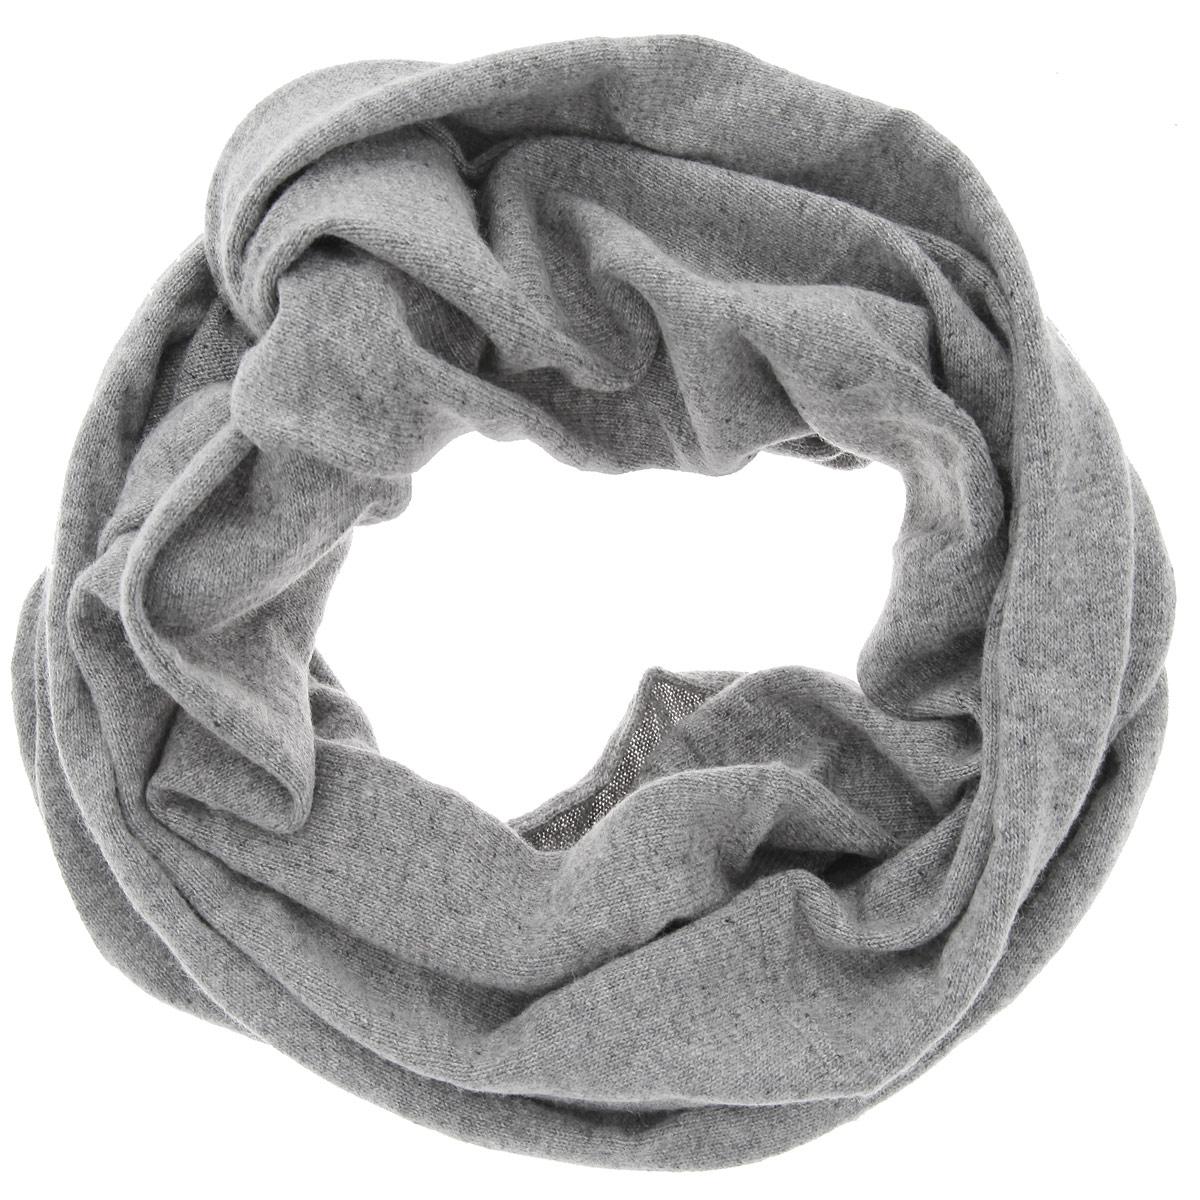 Шарф-хомут мужской Denim. 0219594.00.120219594.00.12_2143Стильный мужской шарф-хомут Tom Tailor Denim дополнит ваш наряд и не позволит вам замерзнуть в прохладное время года. Модель изготовлена из высококачественной пряжи, что позволяет ей великолепно сохранять тепло и обеспечивает высокую эластичность. Оформлена модель небольшой нашивкой. Такой шарф-хомут станет модным и стильным дополнением вашего гардероба. Он согреет вас и позволит подчеркнуть свою индивидуальность!